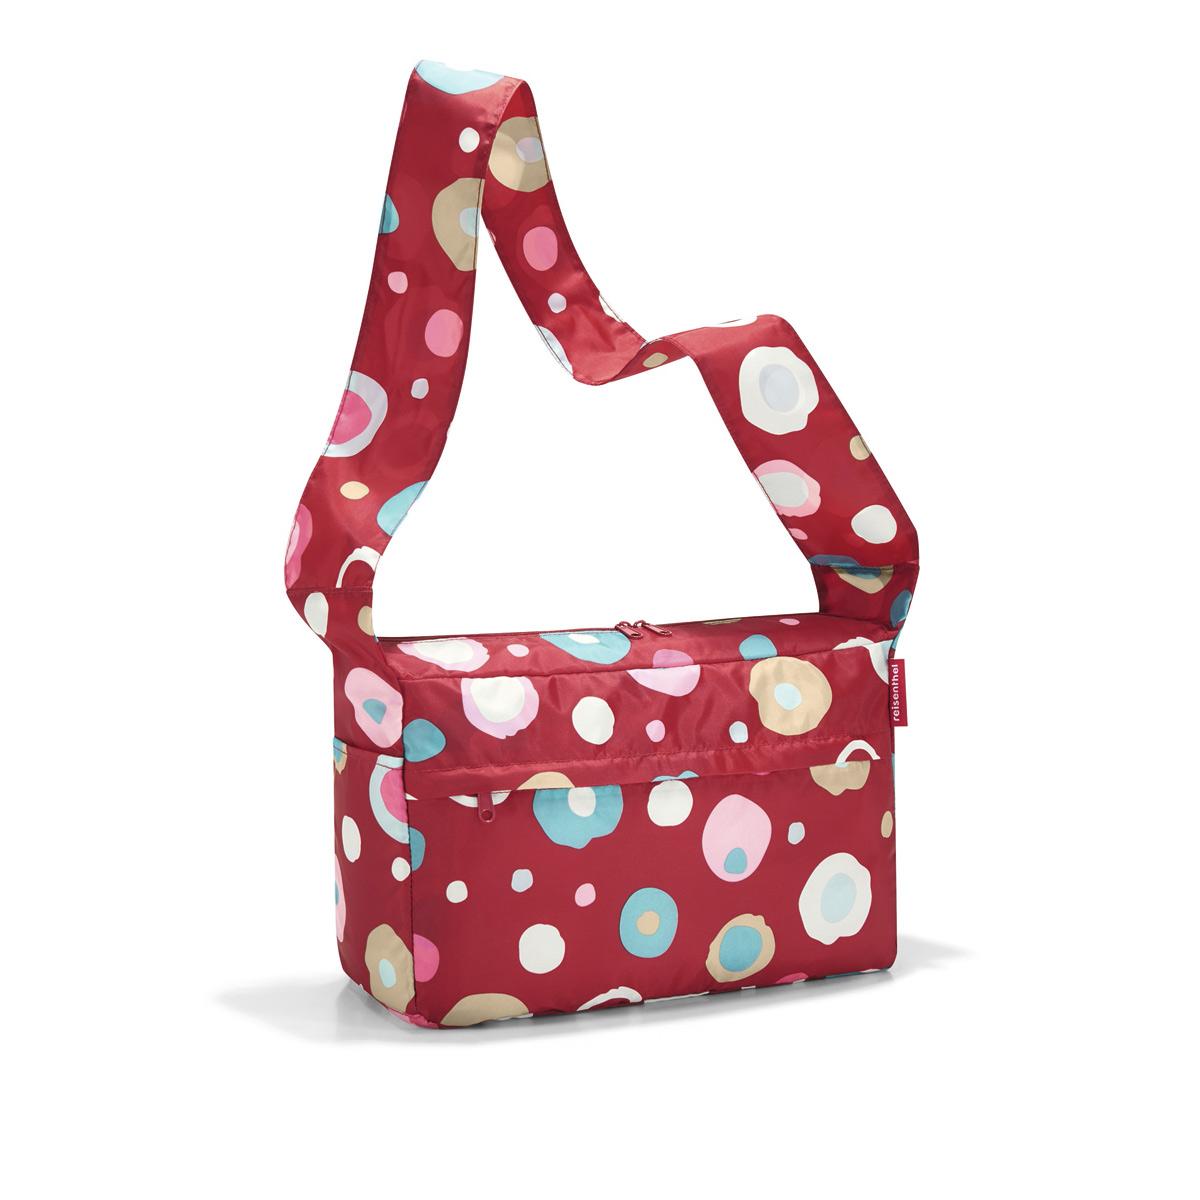 Сумка женская Reisenthel, складная, цвет: темно-красный, голубой, розовый. AL3048AL3048Стильная женская сумка Reisenthel изготовлена из текстиля с оригинальным принтом. Сумка имеет одно отделение, которое закрывается на застежку-молнию с двумя бегунками. Внутри имеется нашивной карман на застежке-молнии, в который сумка складывается и приобретает компактный вид. Снаружи, на передней стенке расположен накладной карман на застежке- молнии, по бокам - открытые накладные карманы. Изделие оснащено удобным плечевым ремнем.